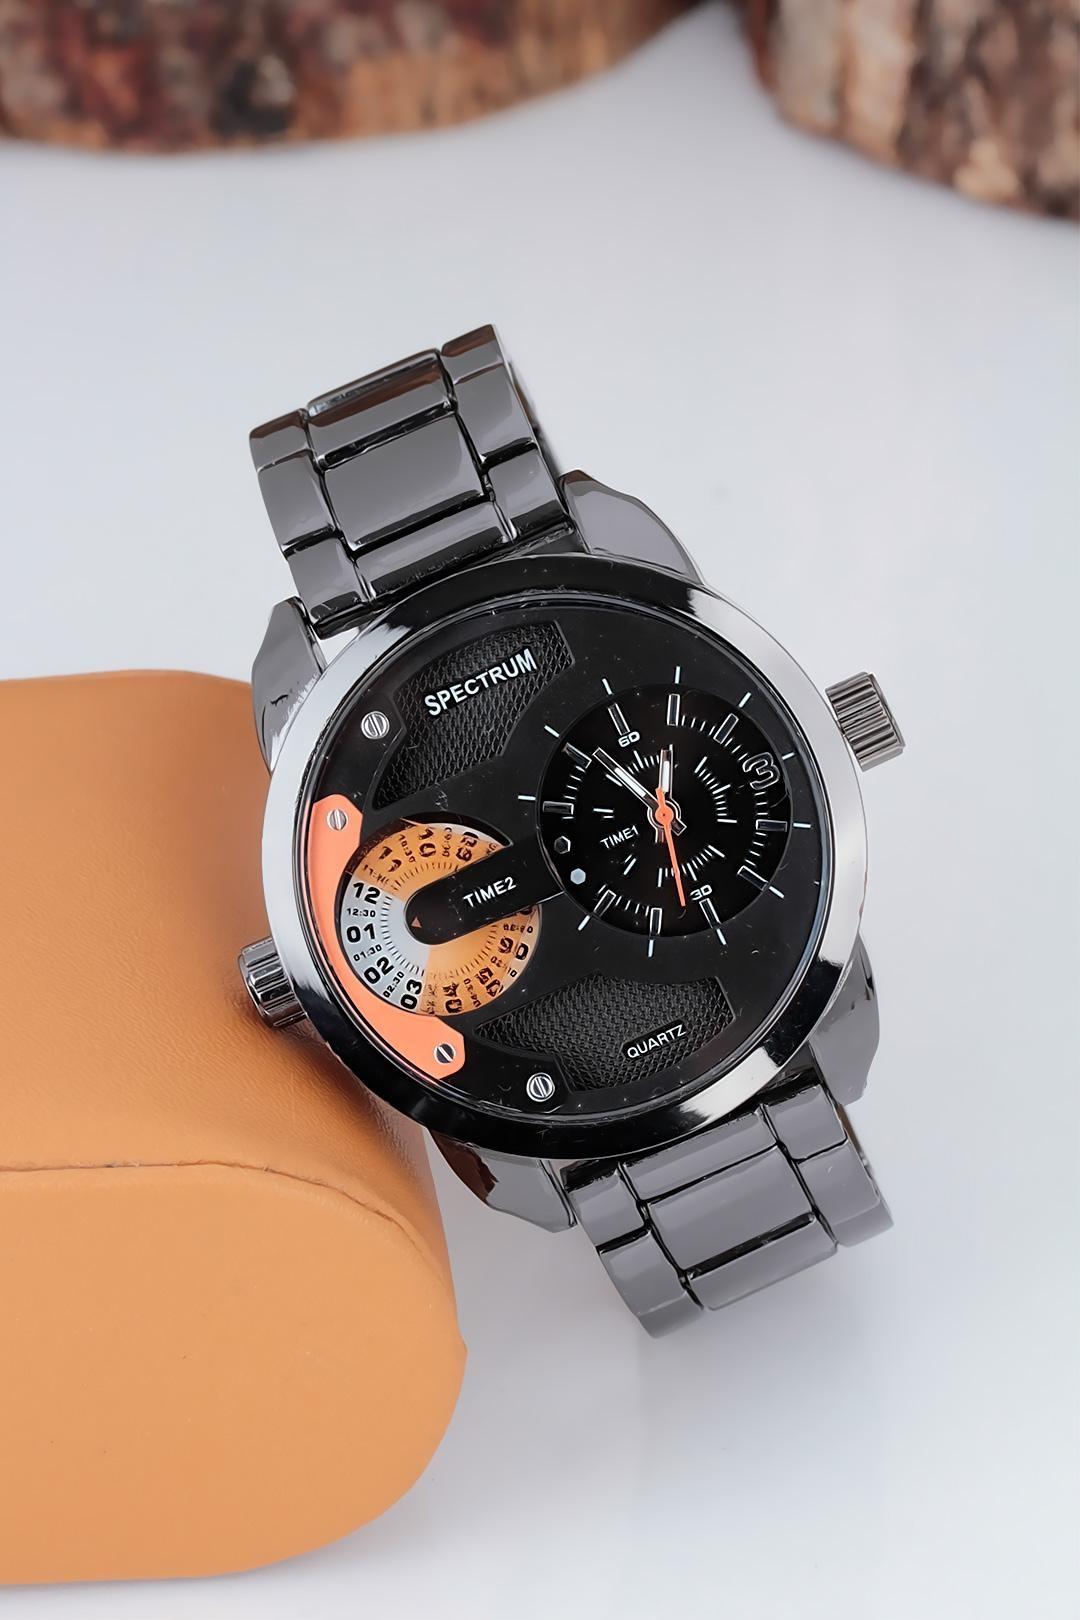 0006af43449c2 صورة 1 من اصل 4. البيع بالجملة ساعة رجالية صناعة تركية ...